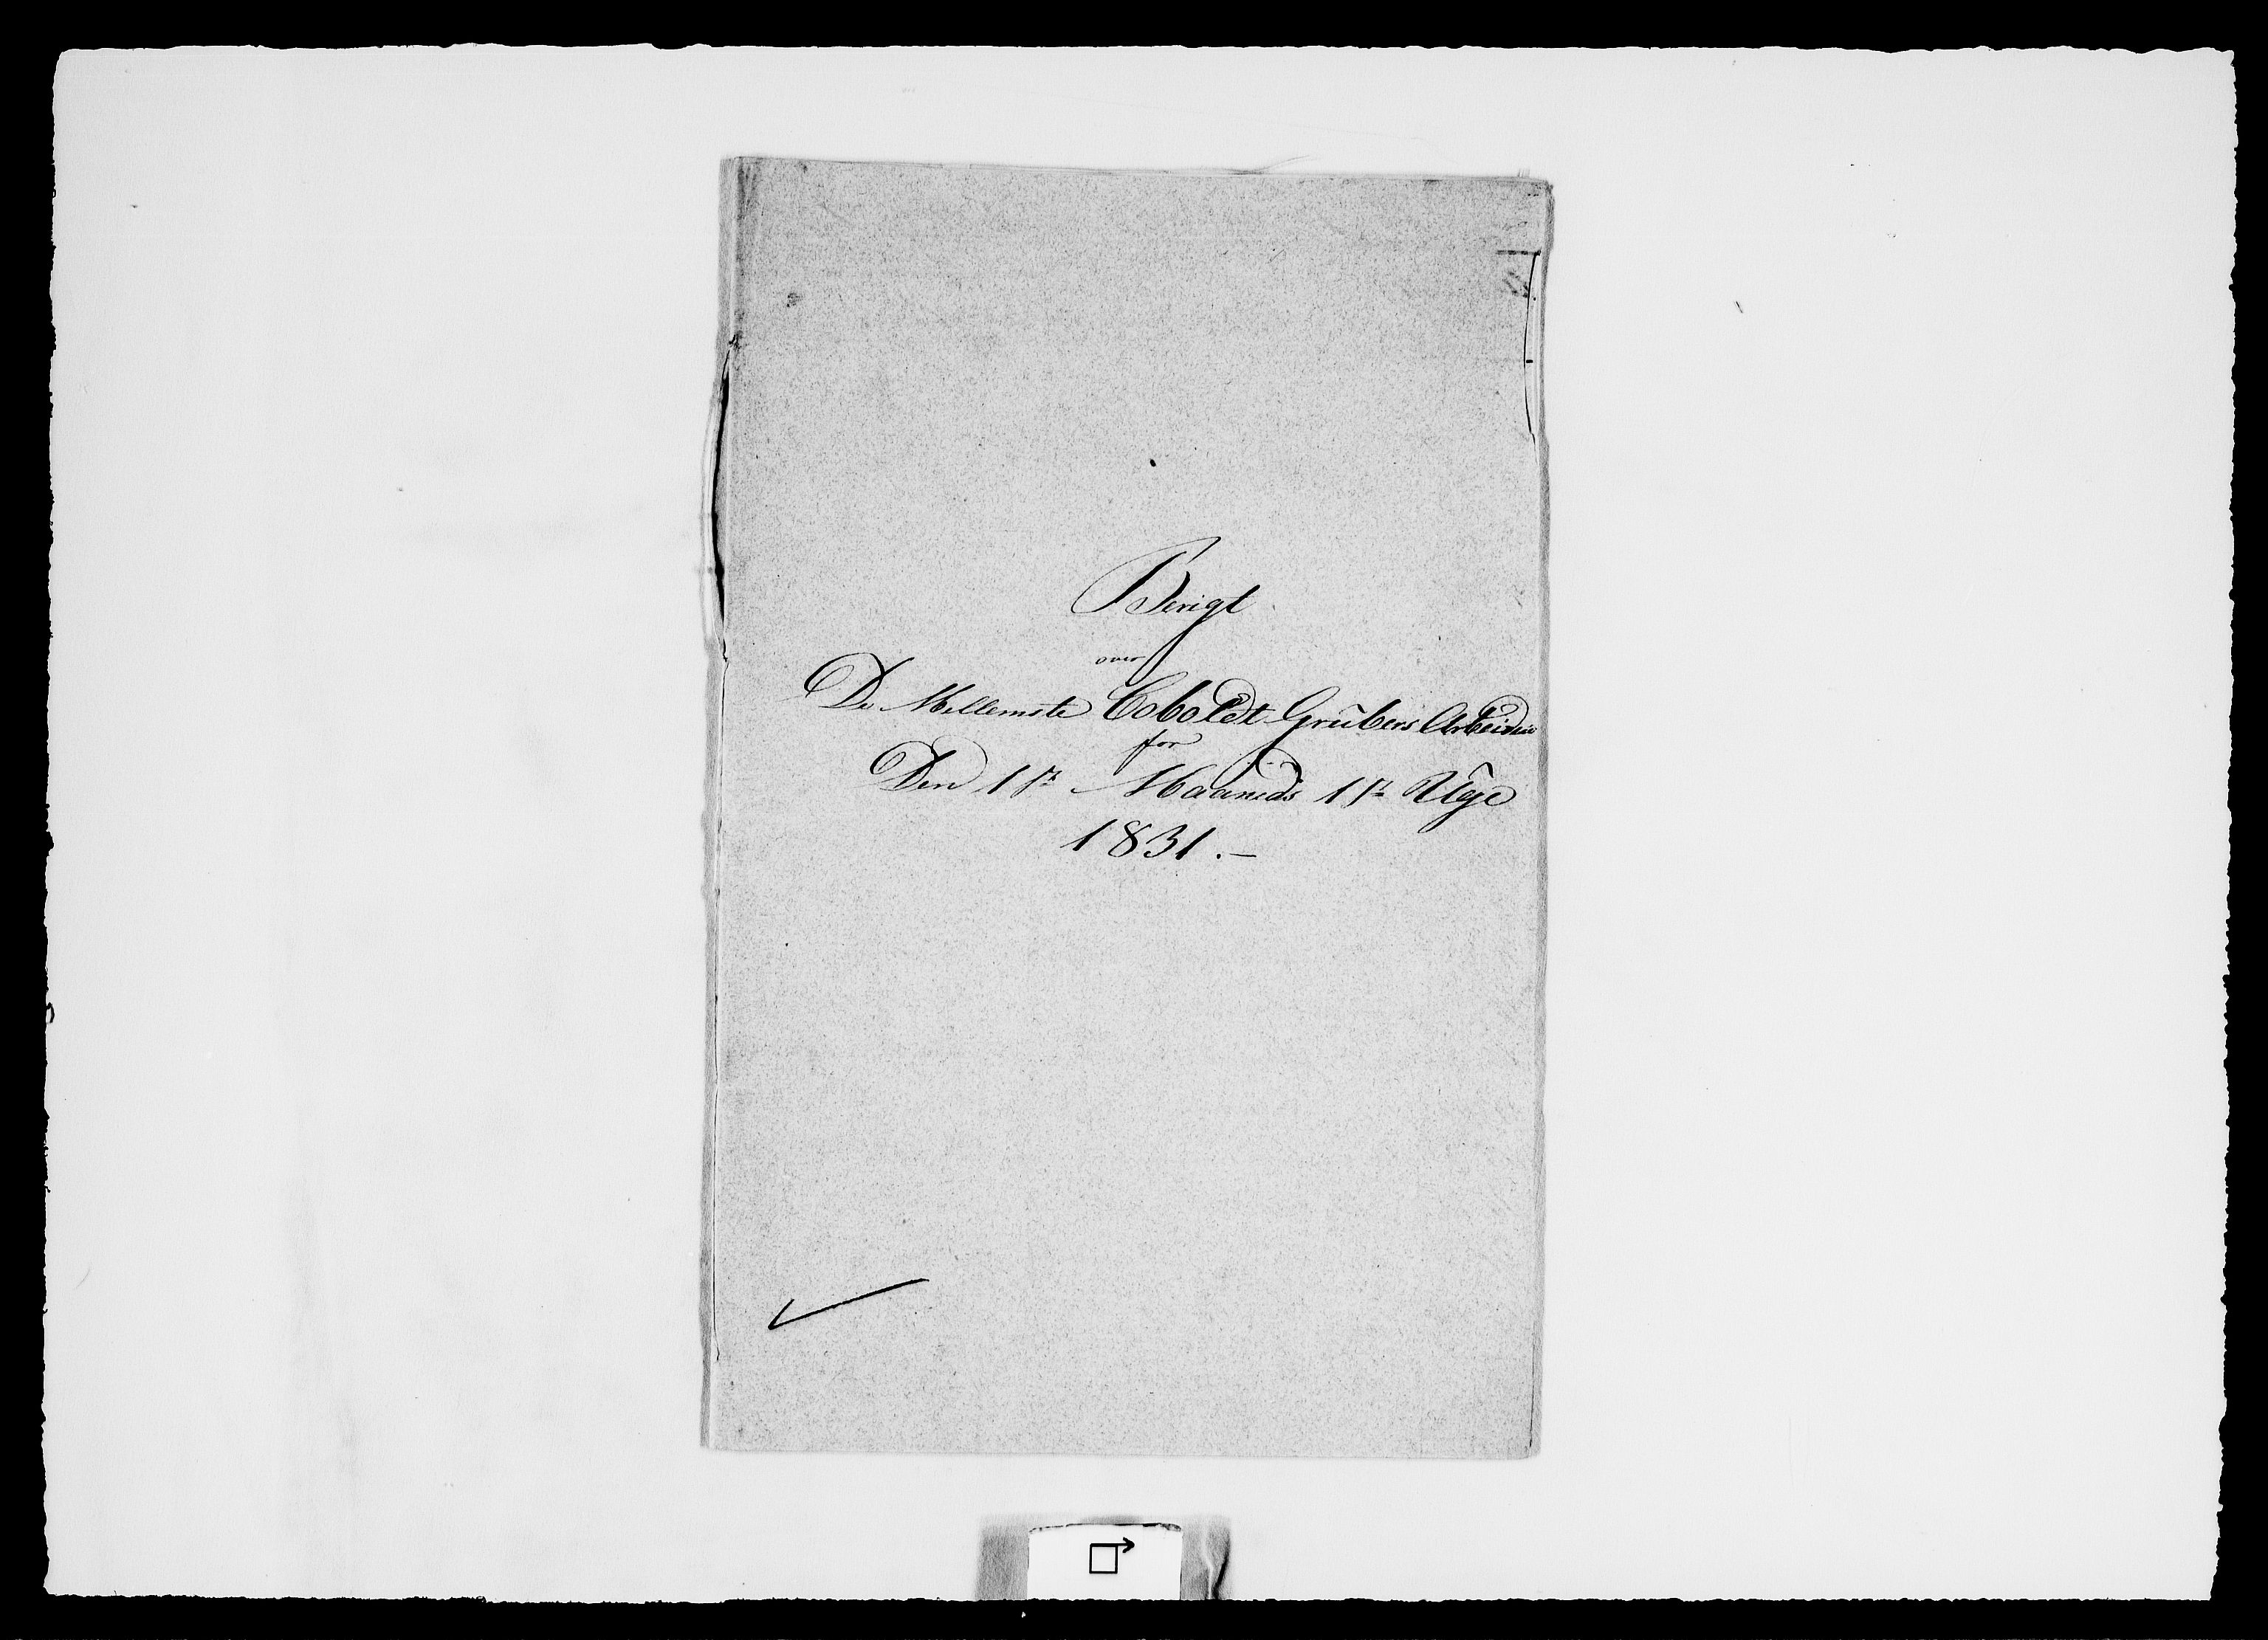 RA, Modums Blaafarveværk, G/Ge/L0337, 1831, s. 2